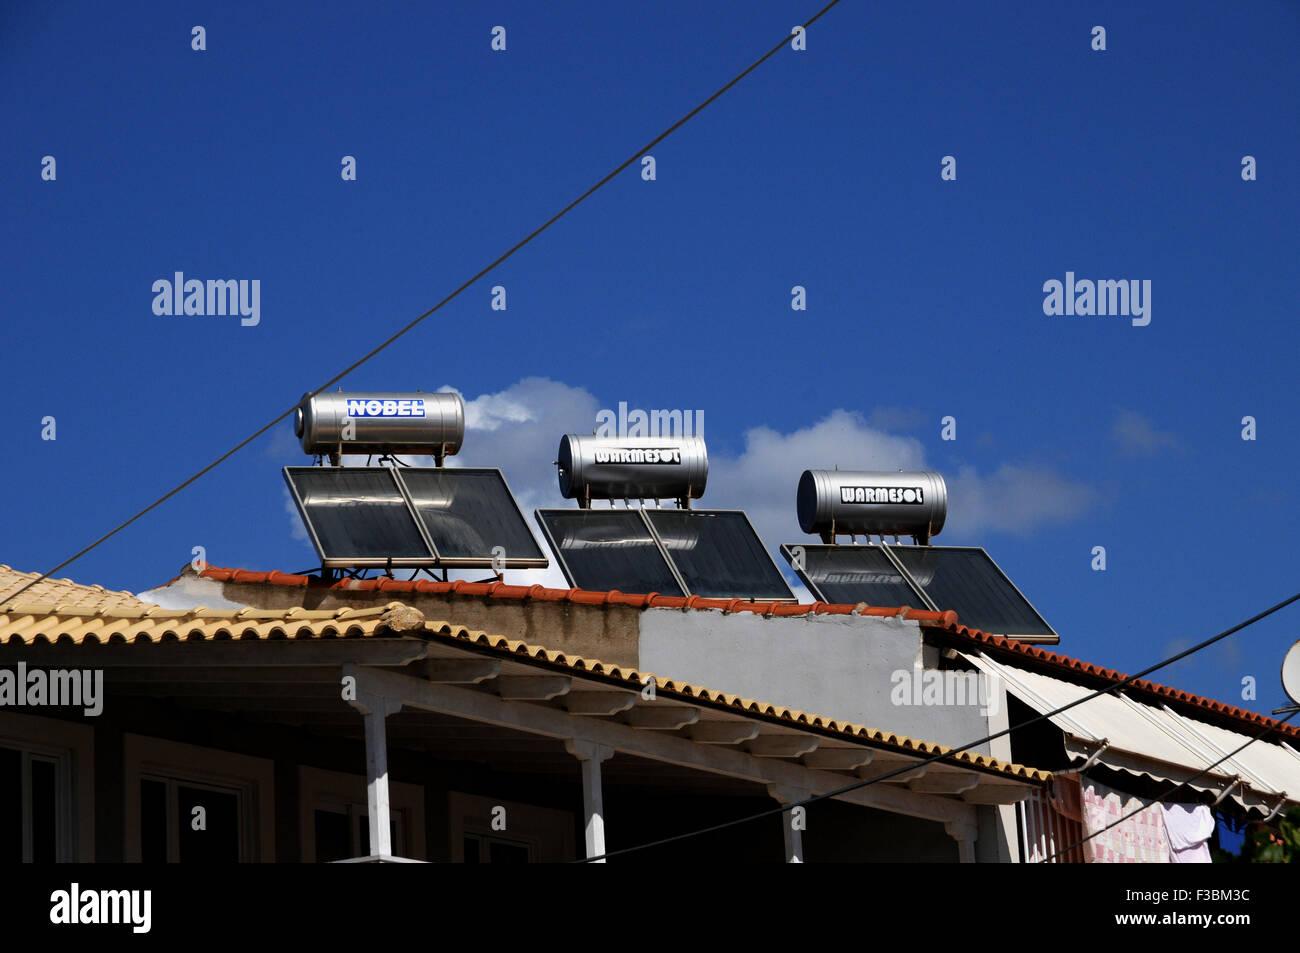 Chauffe-eau solaire sur un toit haut dans le petit village grec de Giolova dans le Péloponnèse. Photo Stock